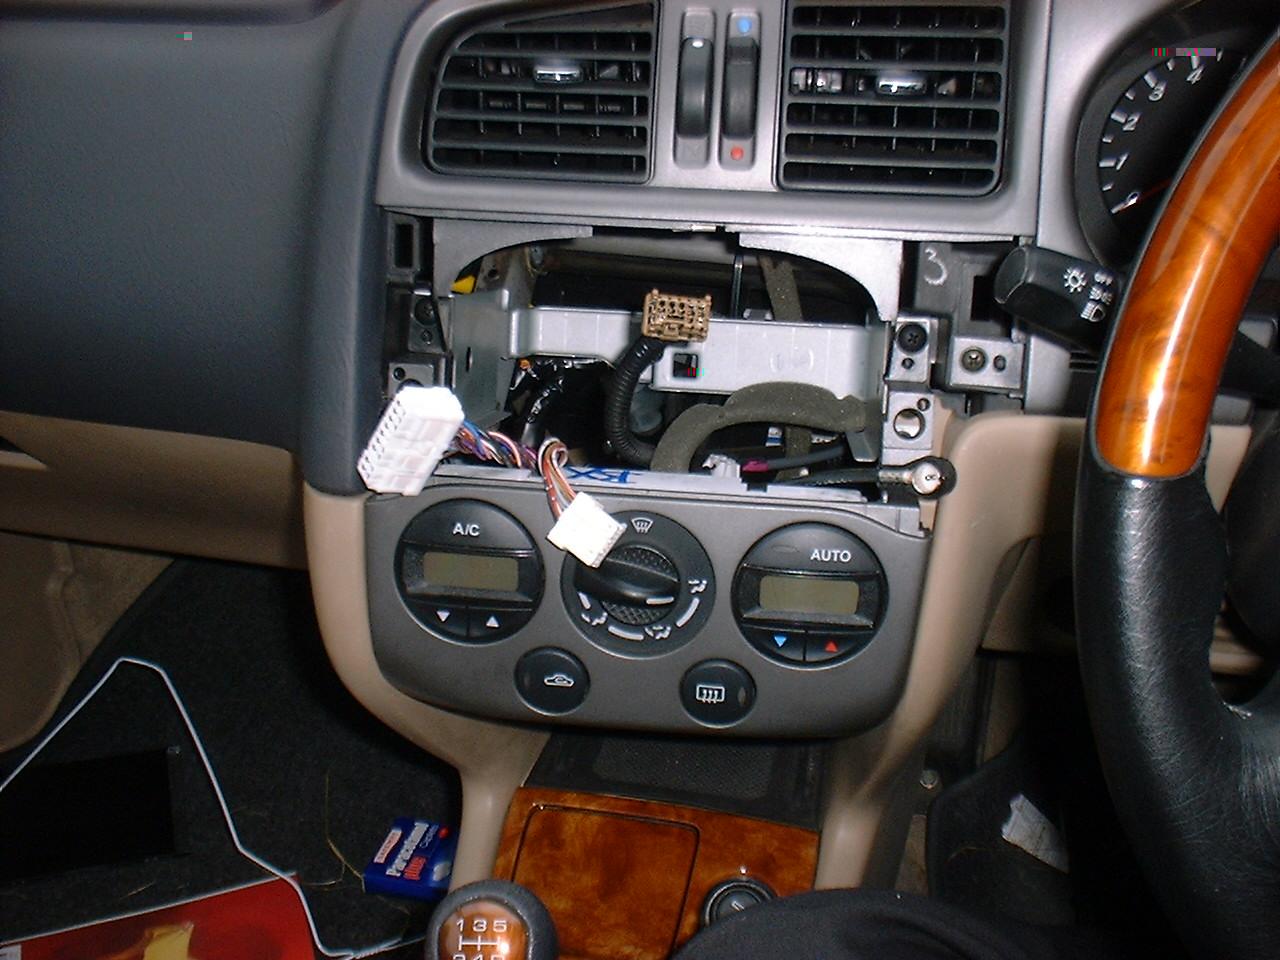 blaupunkt rd4 wiring diagram car alarm toyota radio nissan primera